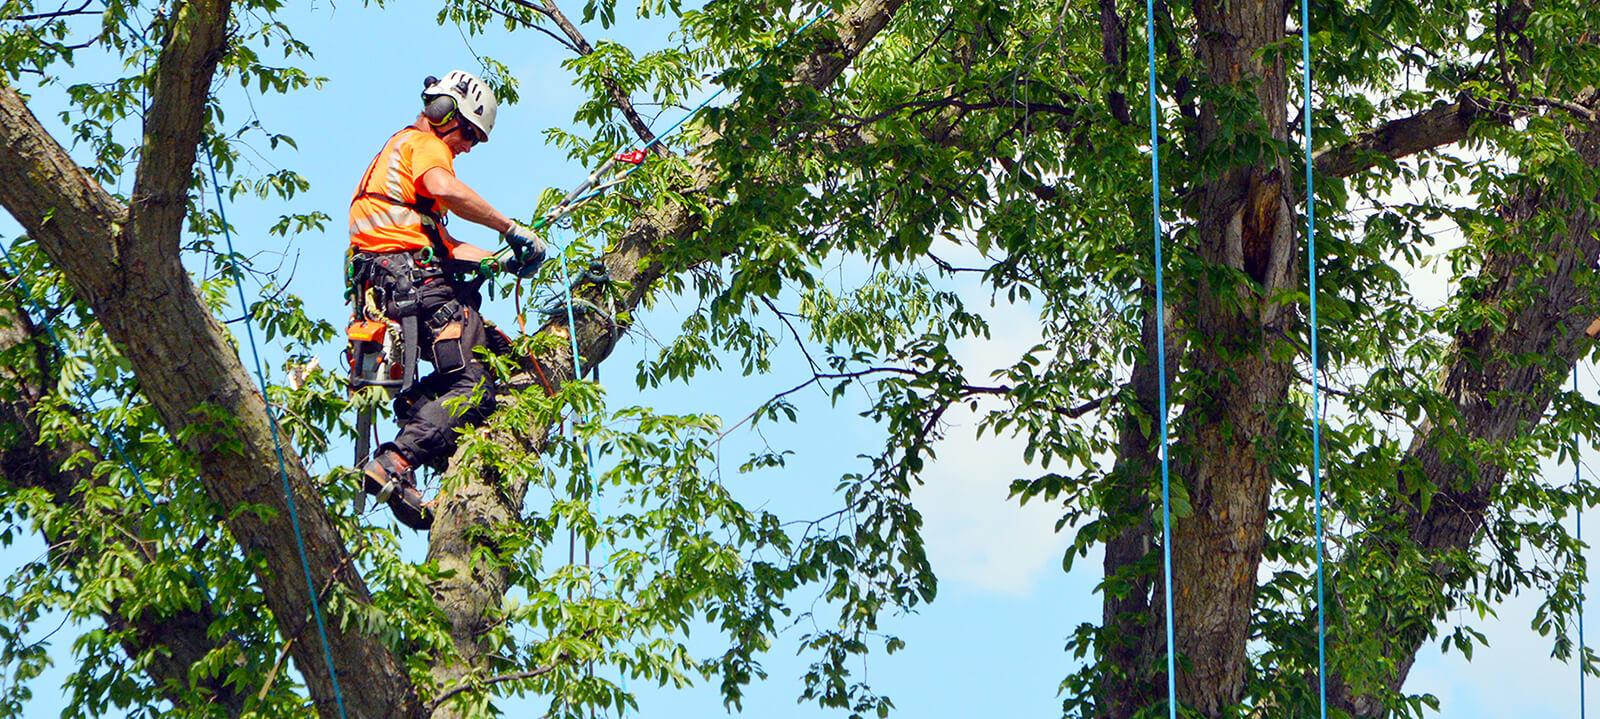 ArboristMainEdited.jpg